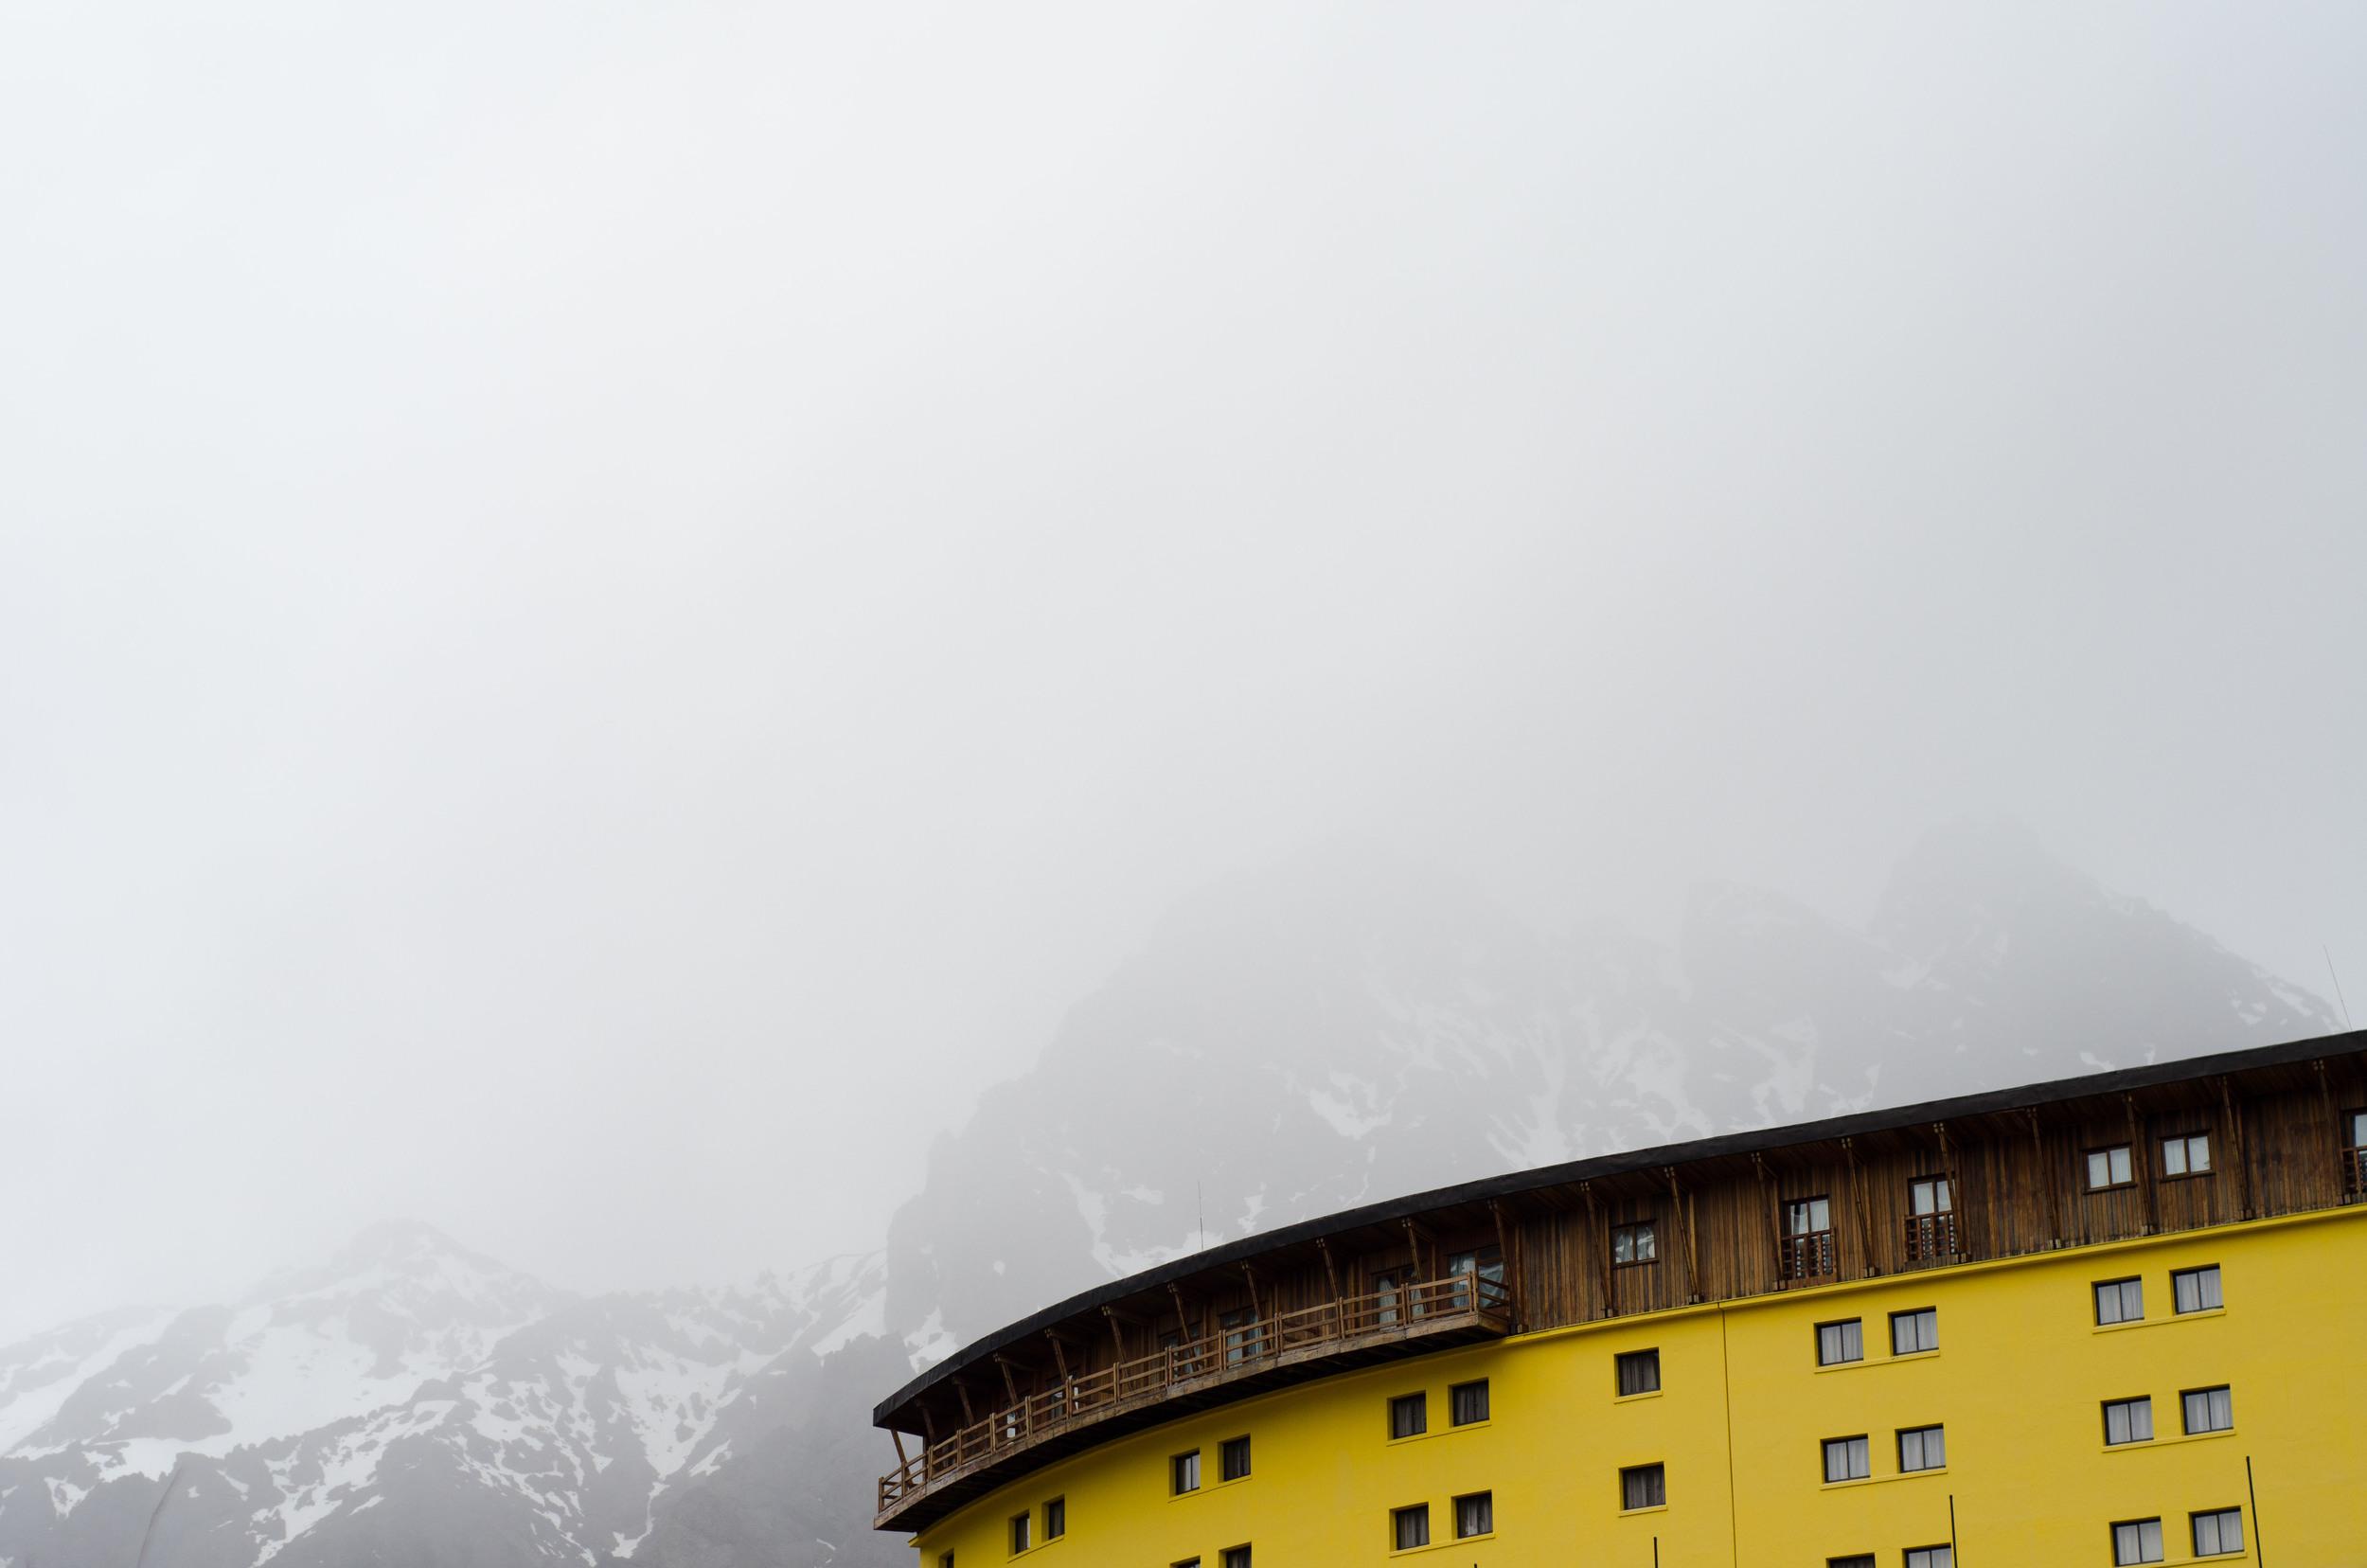 Ski Portillo, a ski resort near the Argentina/Chile border